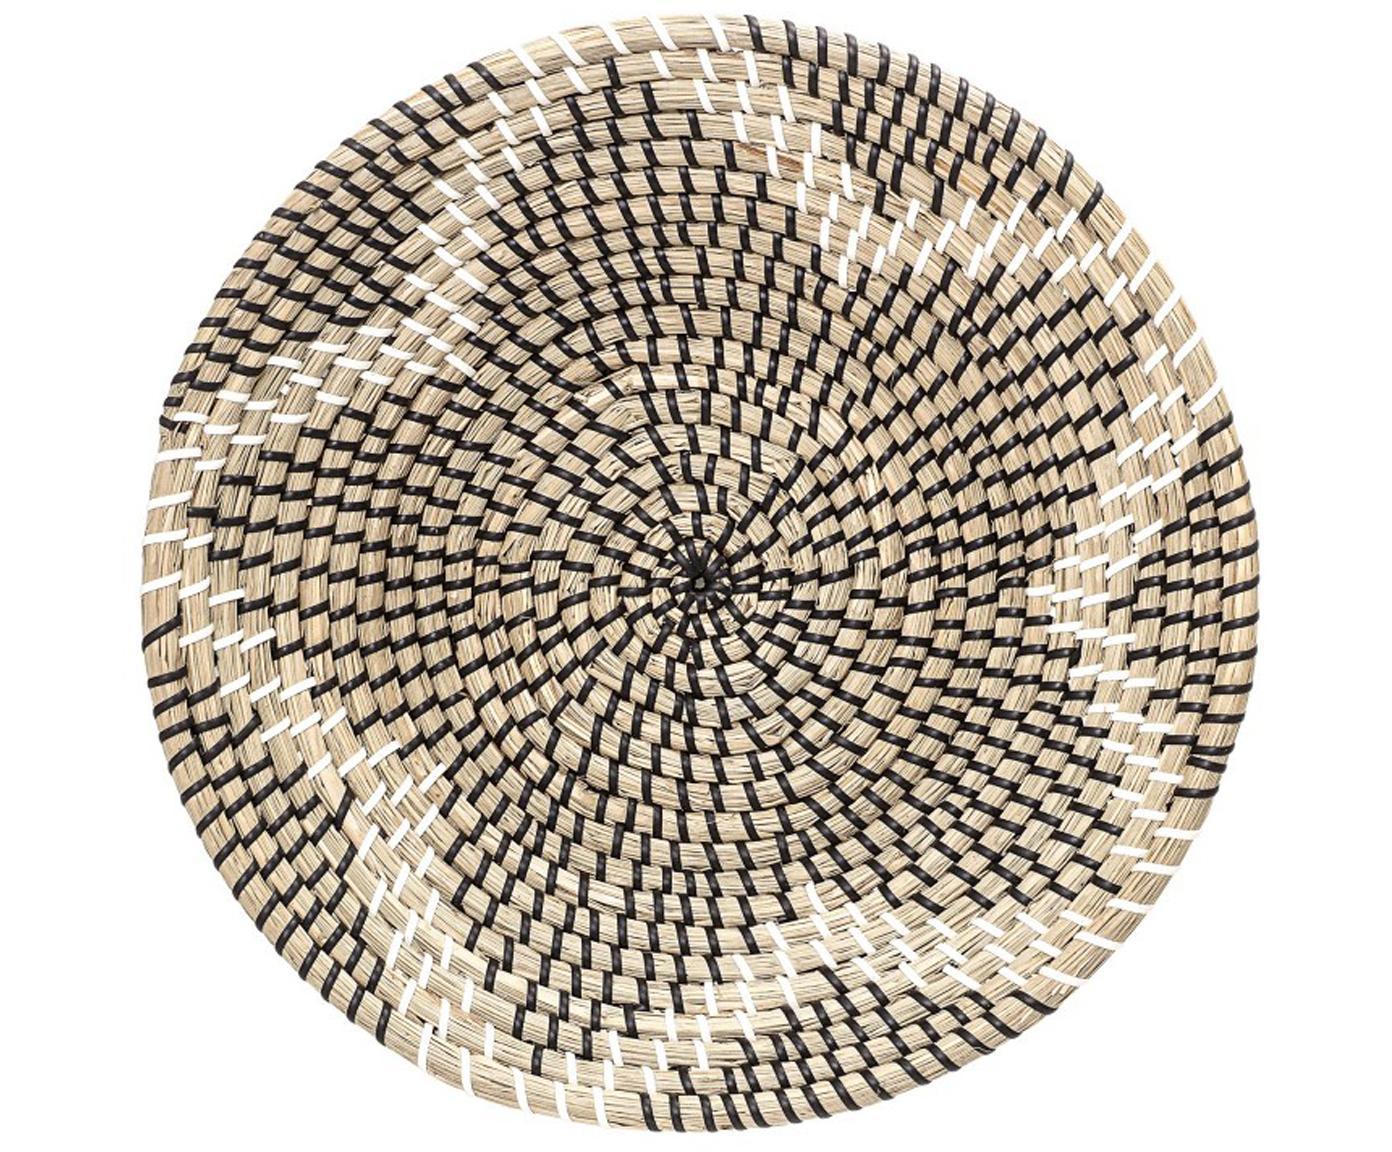 Wandobjekt Star aus Seegras, Seegras, Schwarz, Weiss, Seegras, Ø 36 x T 7 cm